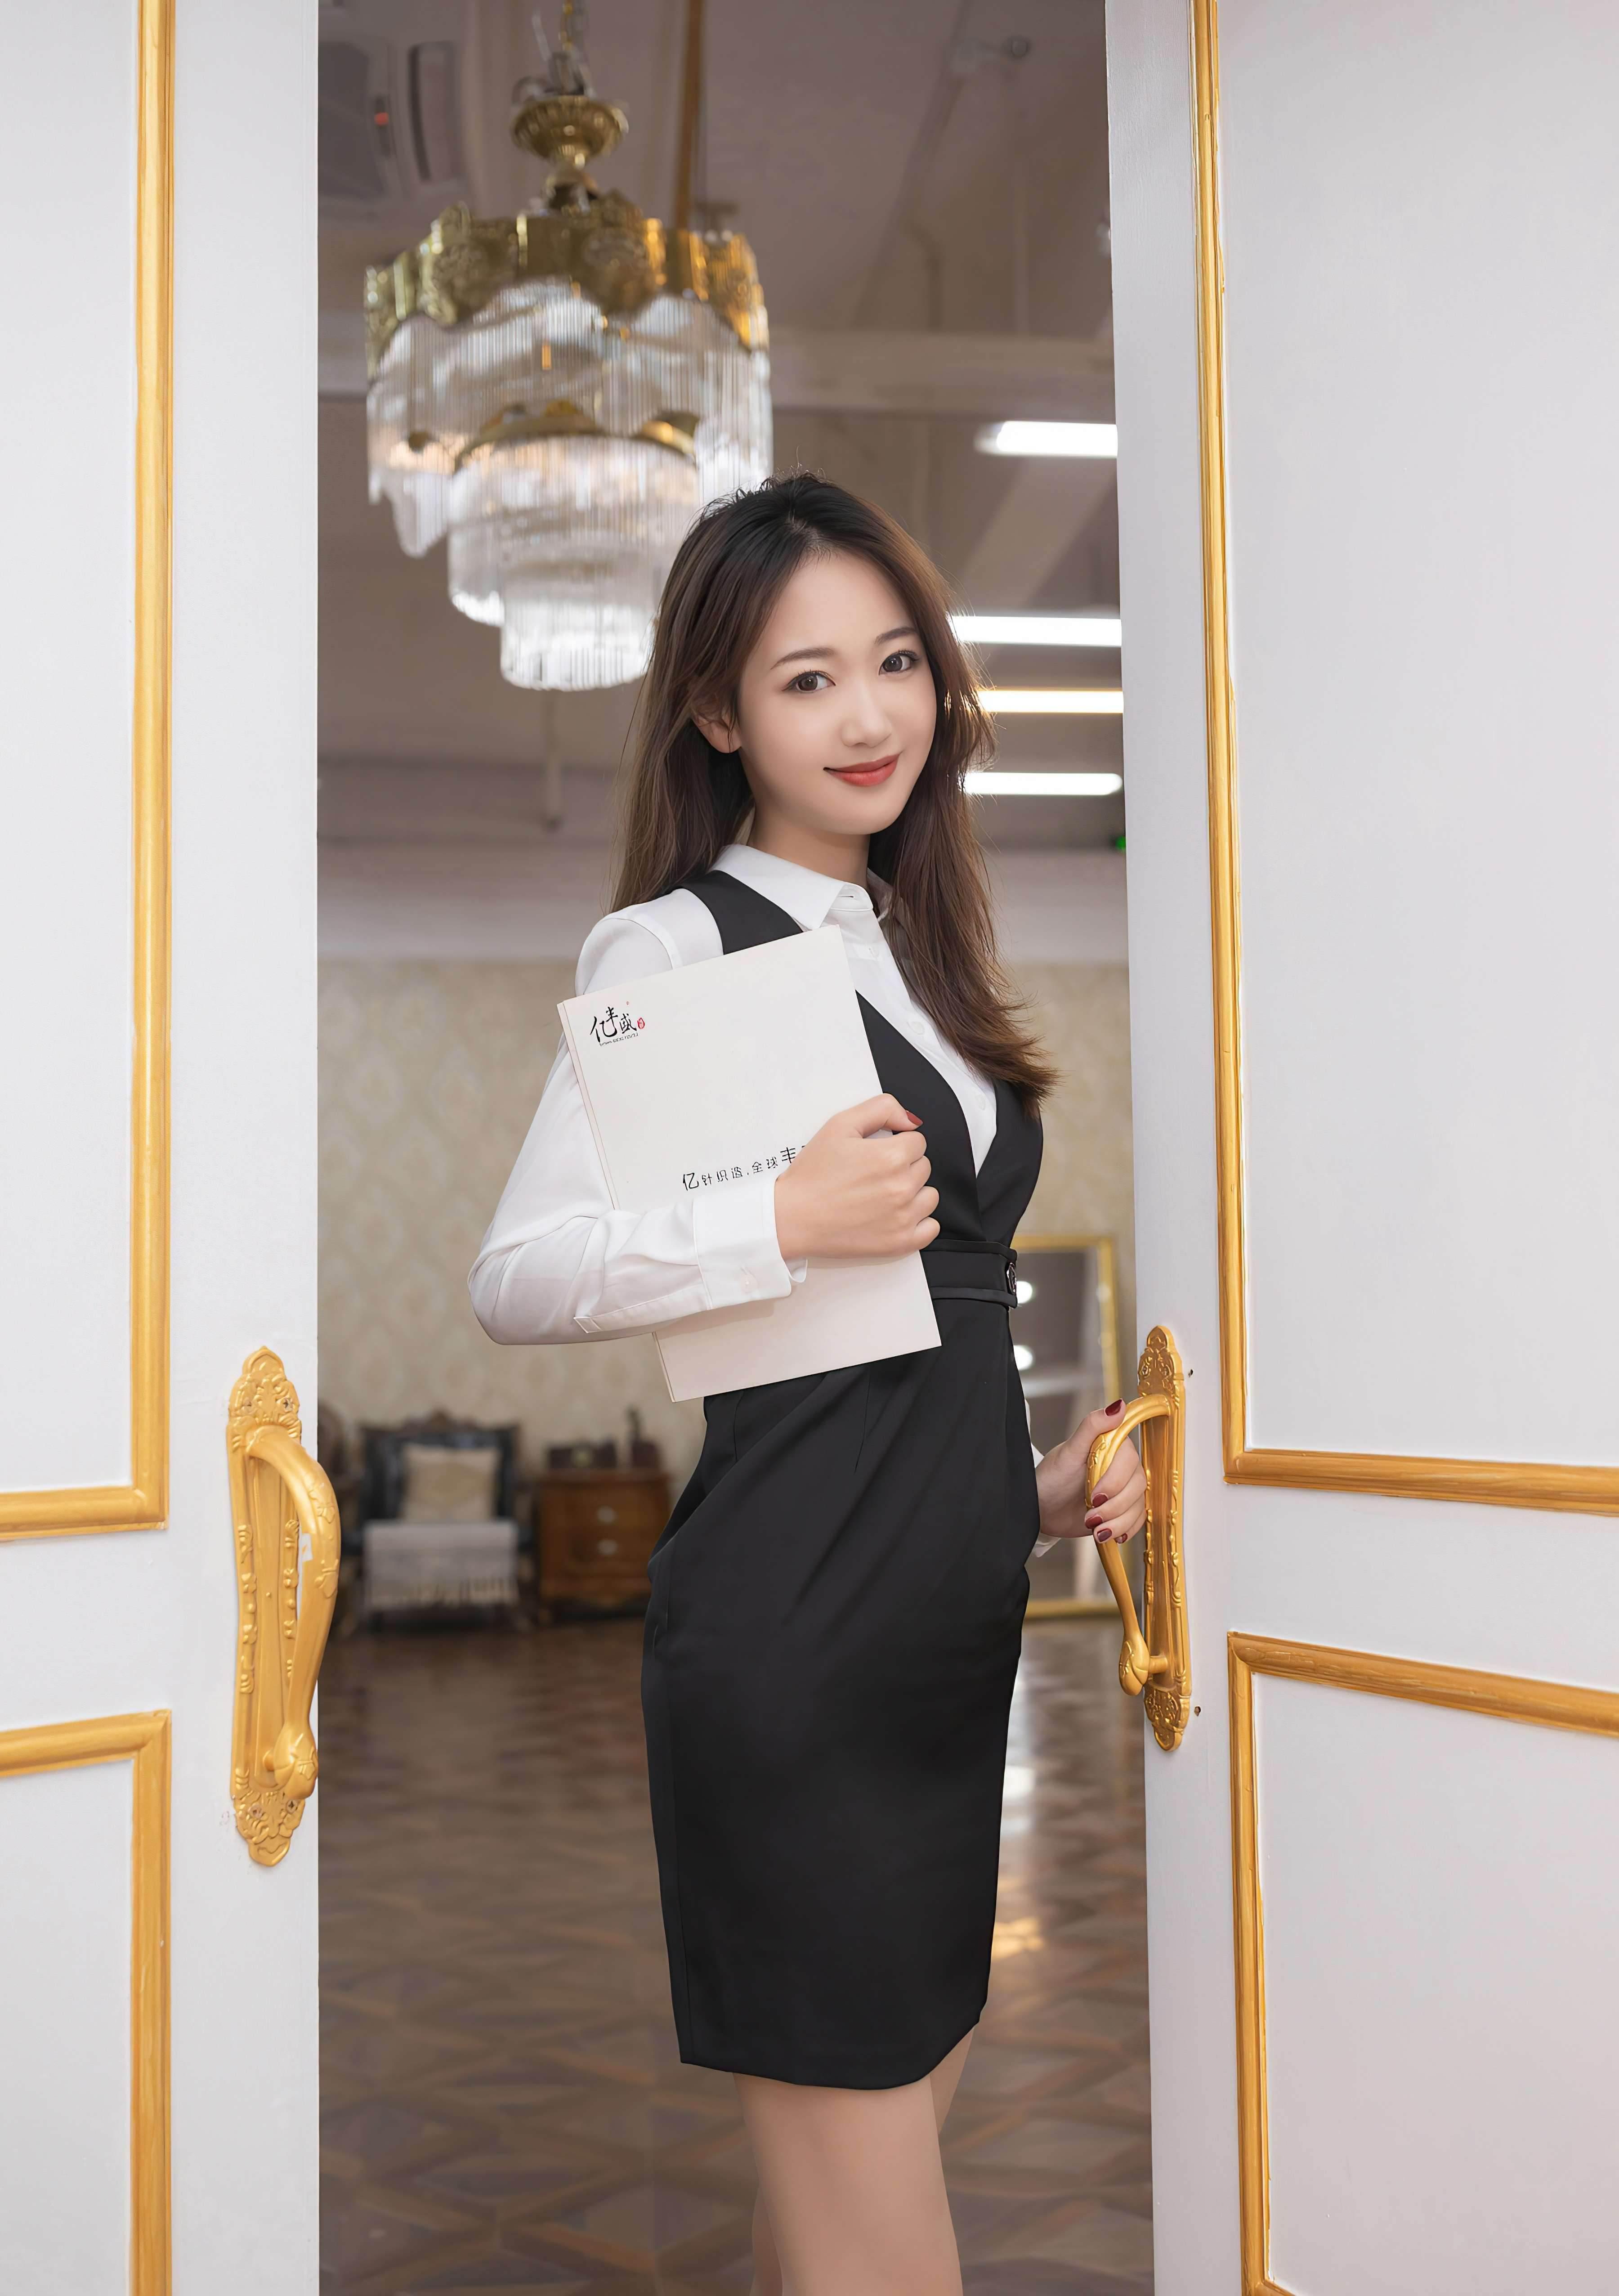 第32期钢琴老师唐安琪_图片3